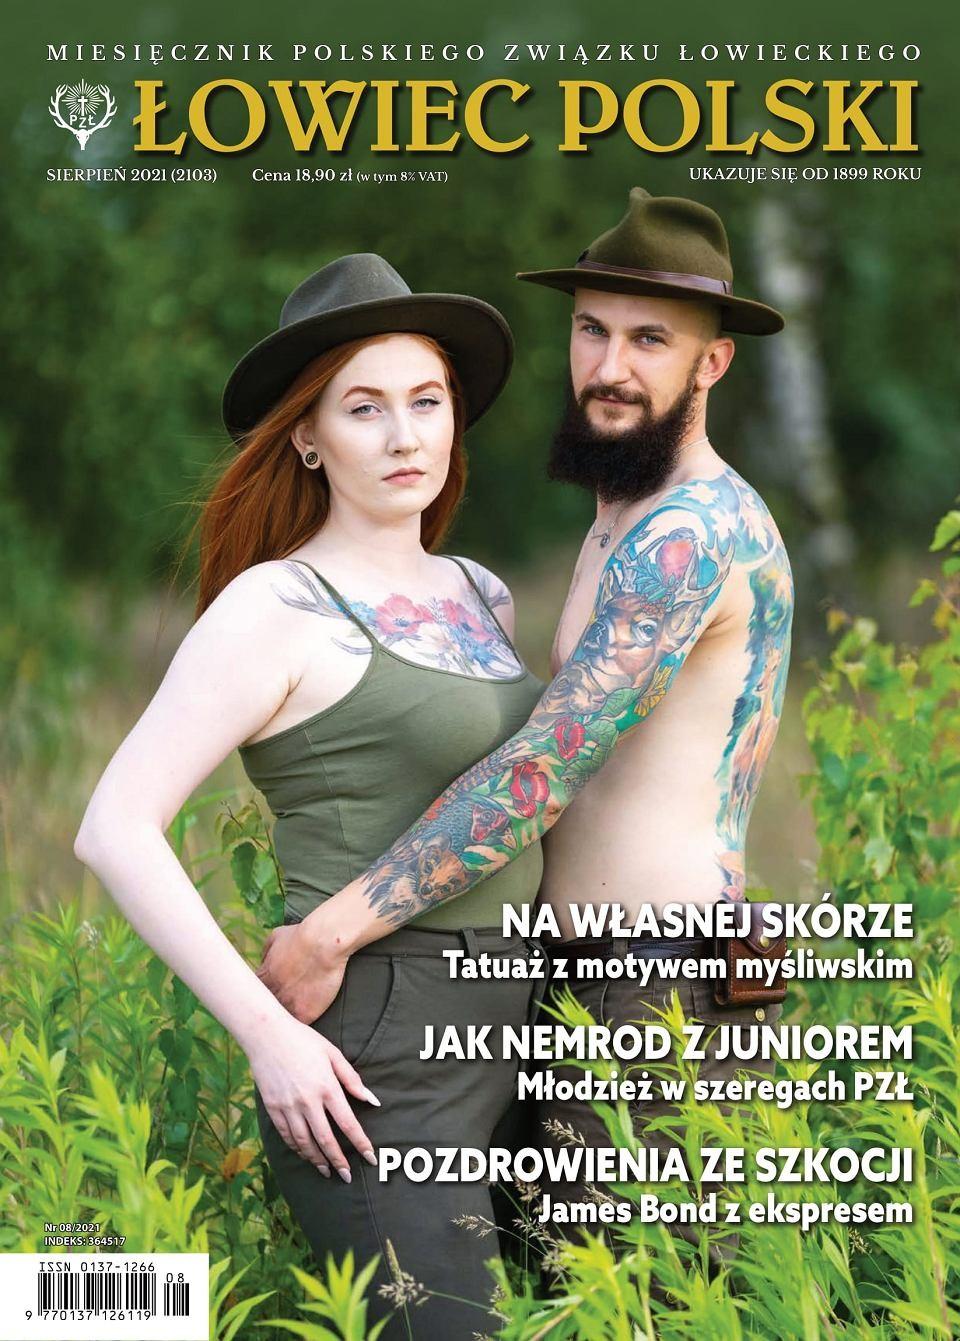 Kontrowersyjna okładka Łowca Polskiego. Problemem tatuaże, aniezabijanie zwierząt